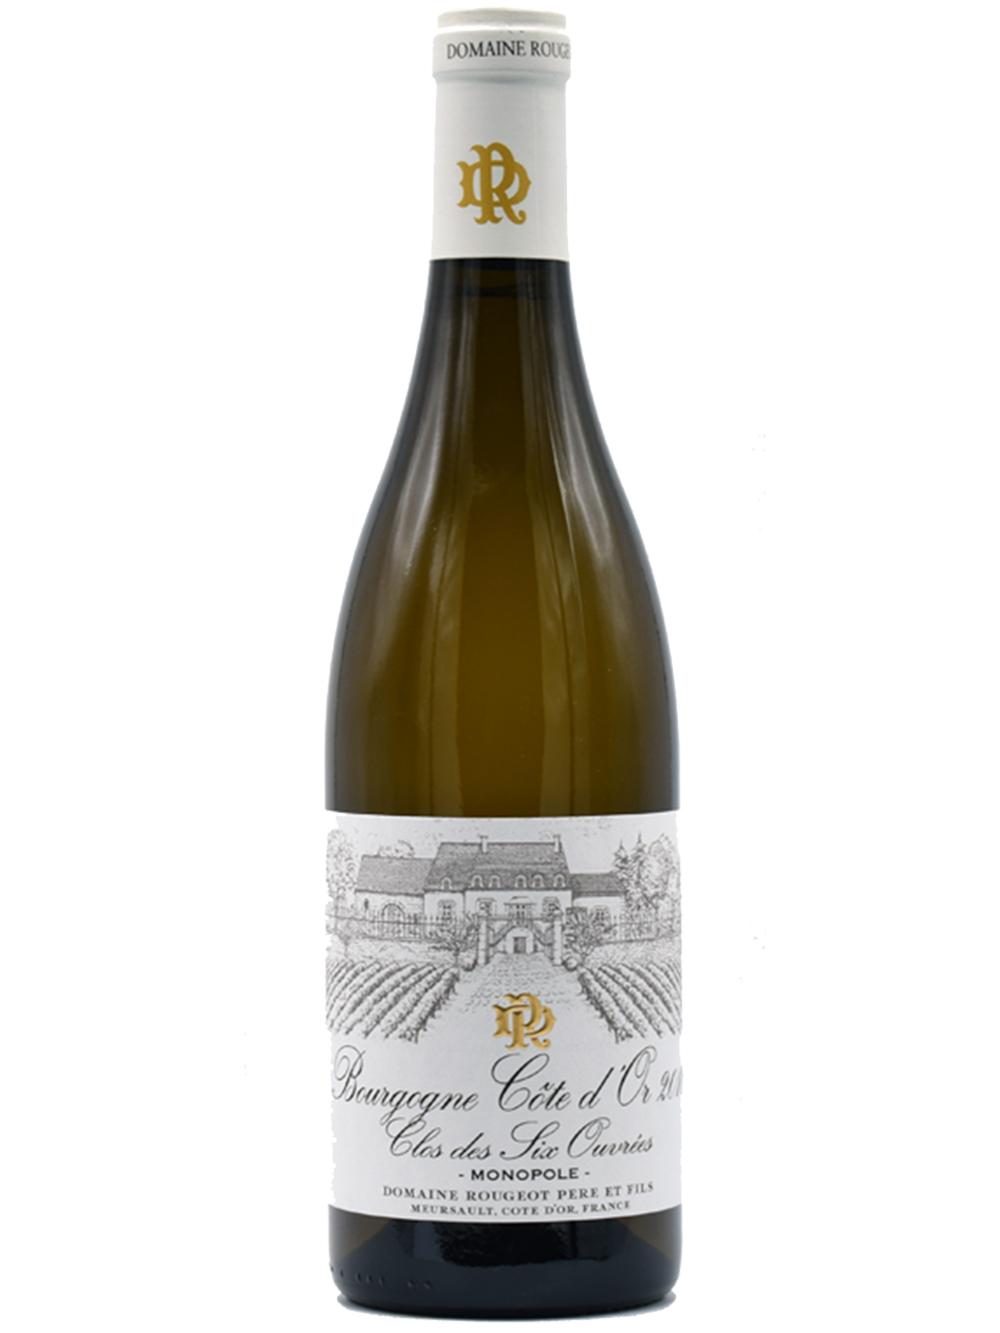 Bourgogne Clos des 6 Ouvrees